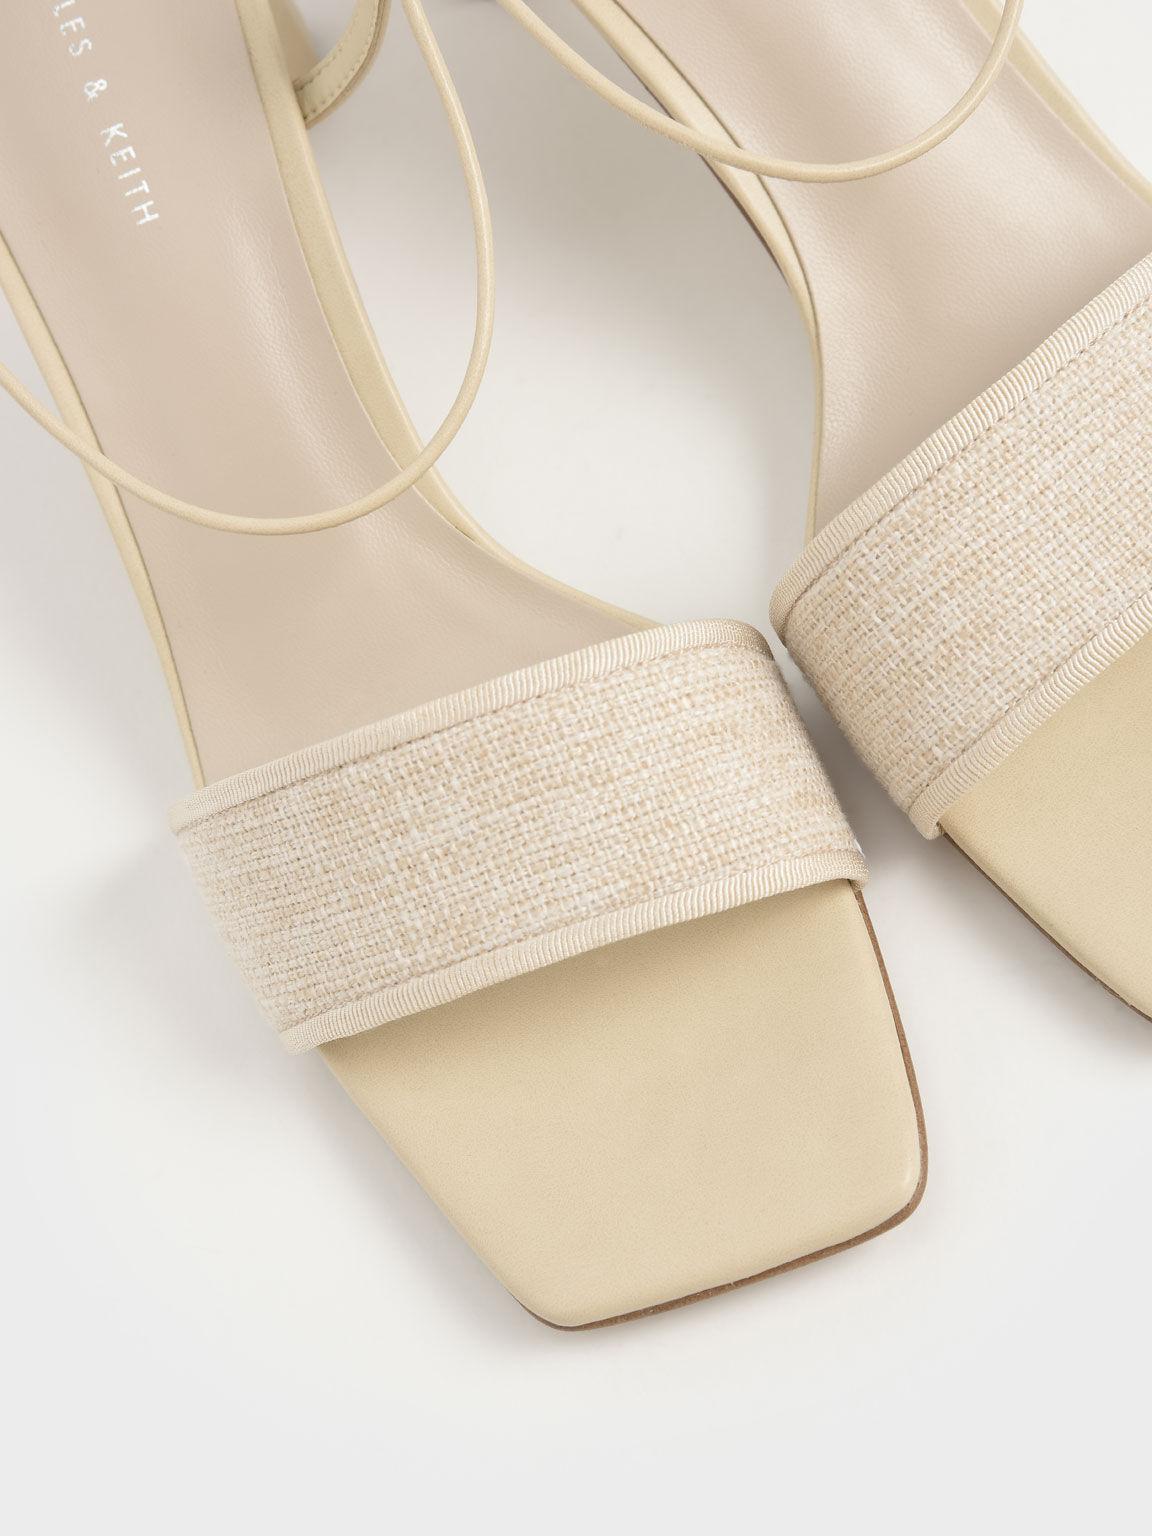 Linen Tie-Around Sandals, Beige, hi-res